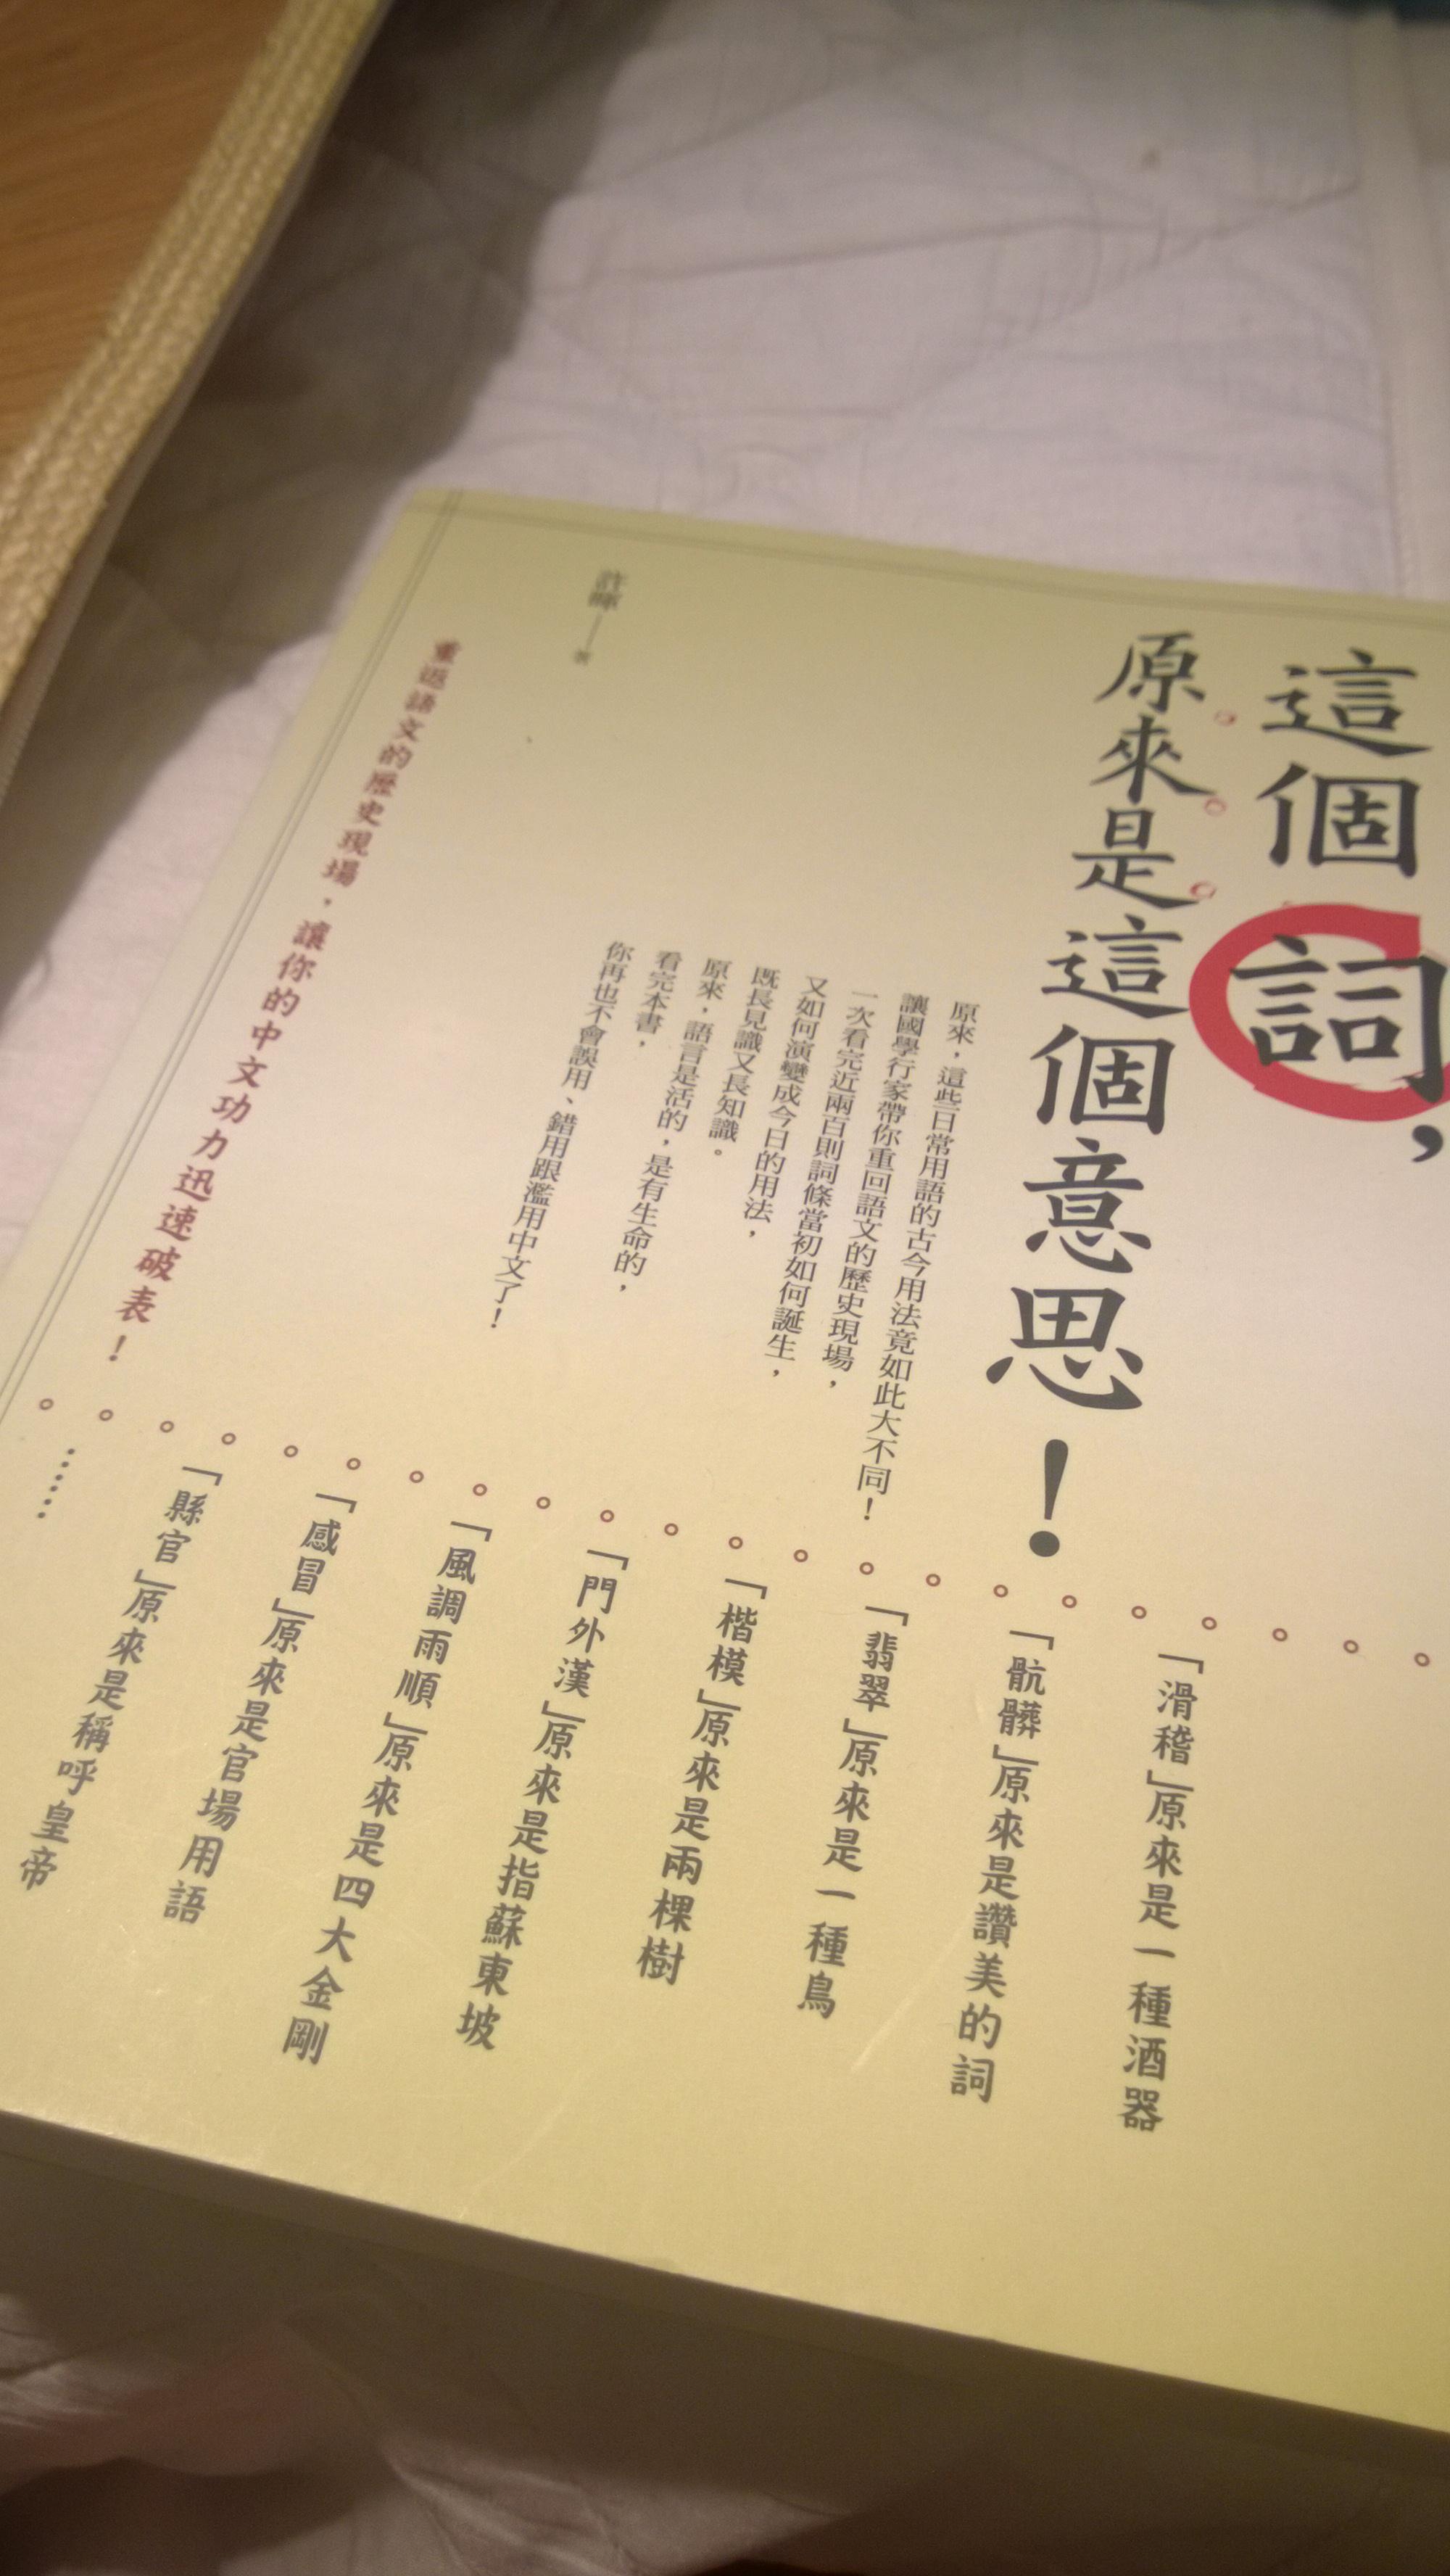 這個詞,原來是這個意思!   chrishuang183